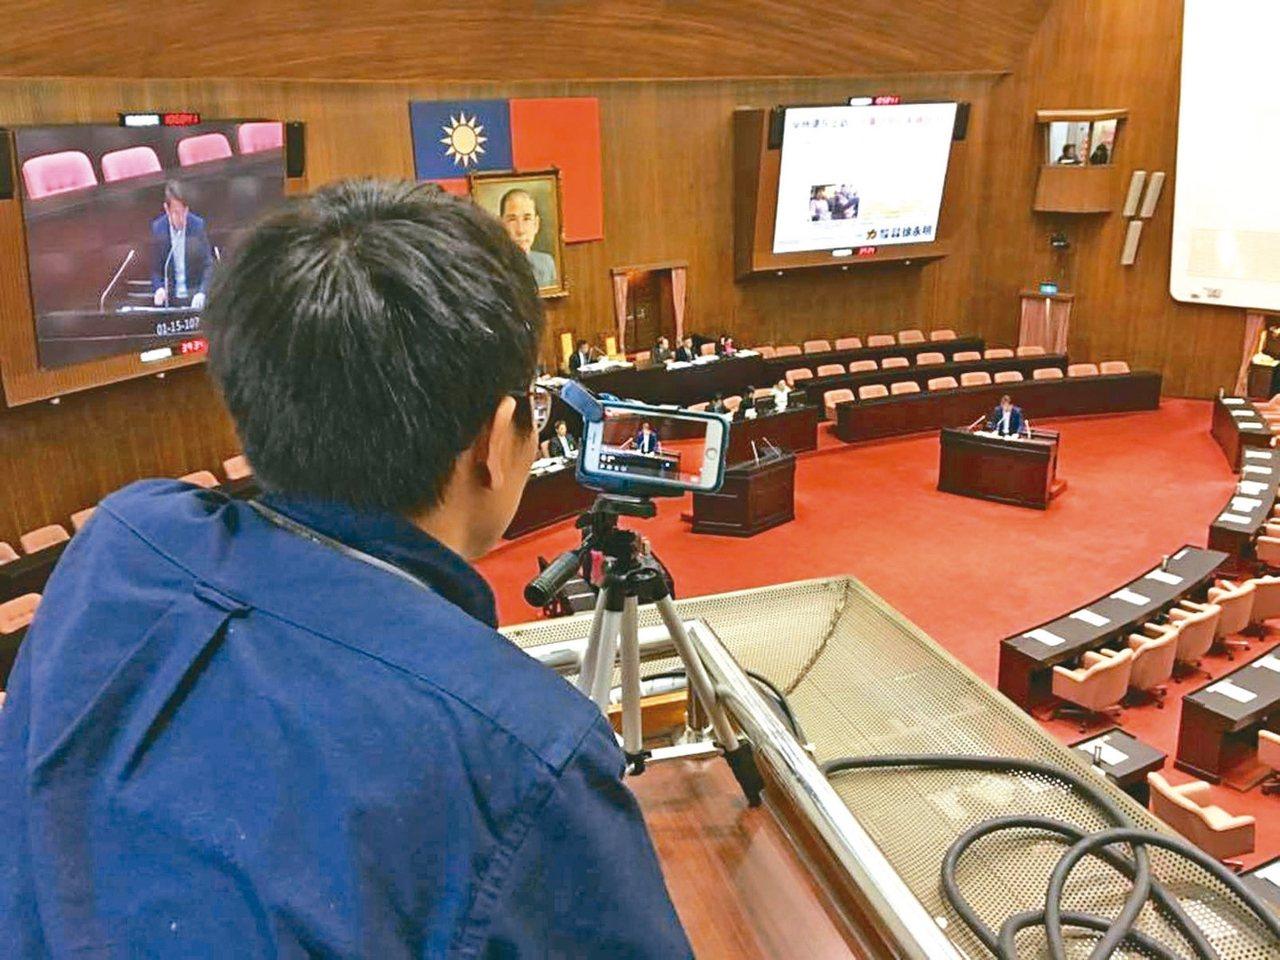 立委質詢時,國會助理幫忙實況直播。(圖中人物與新聞無關) 圖╱聯合報系資料照片